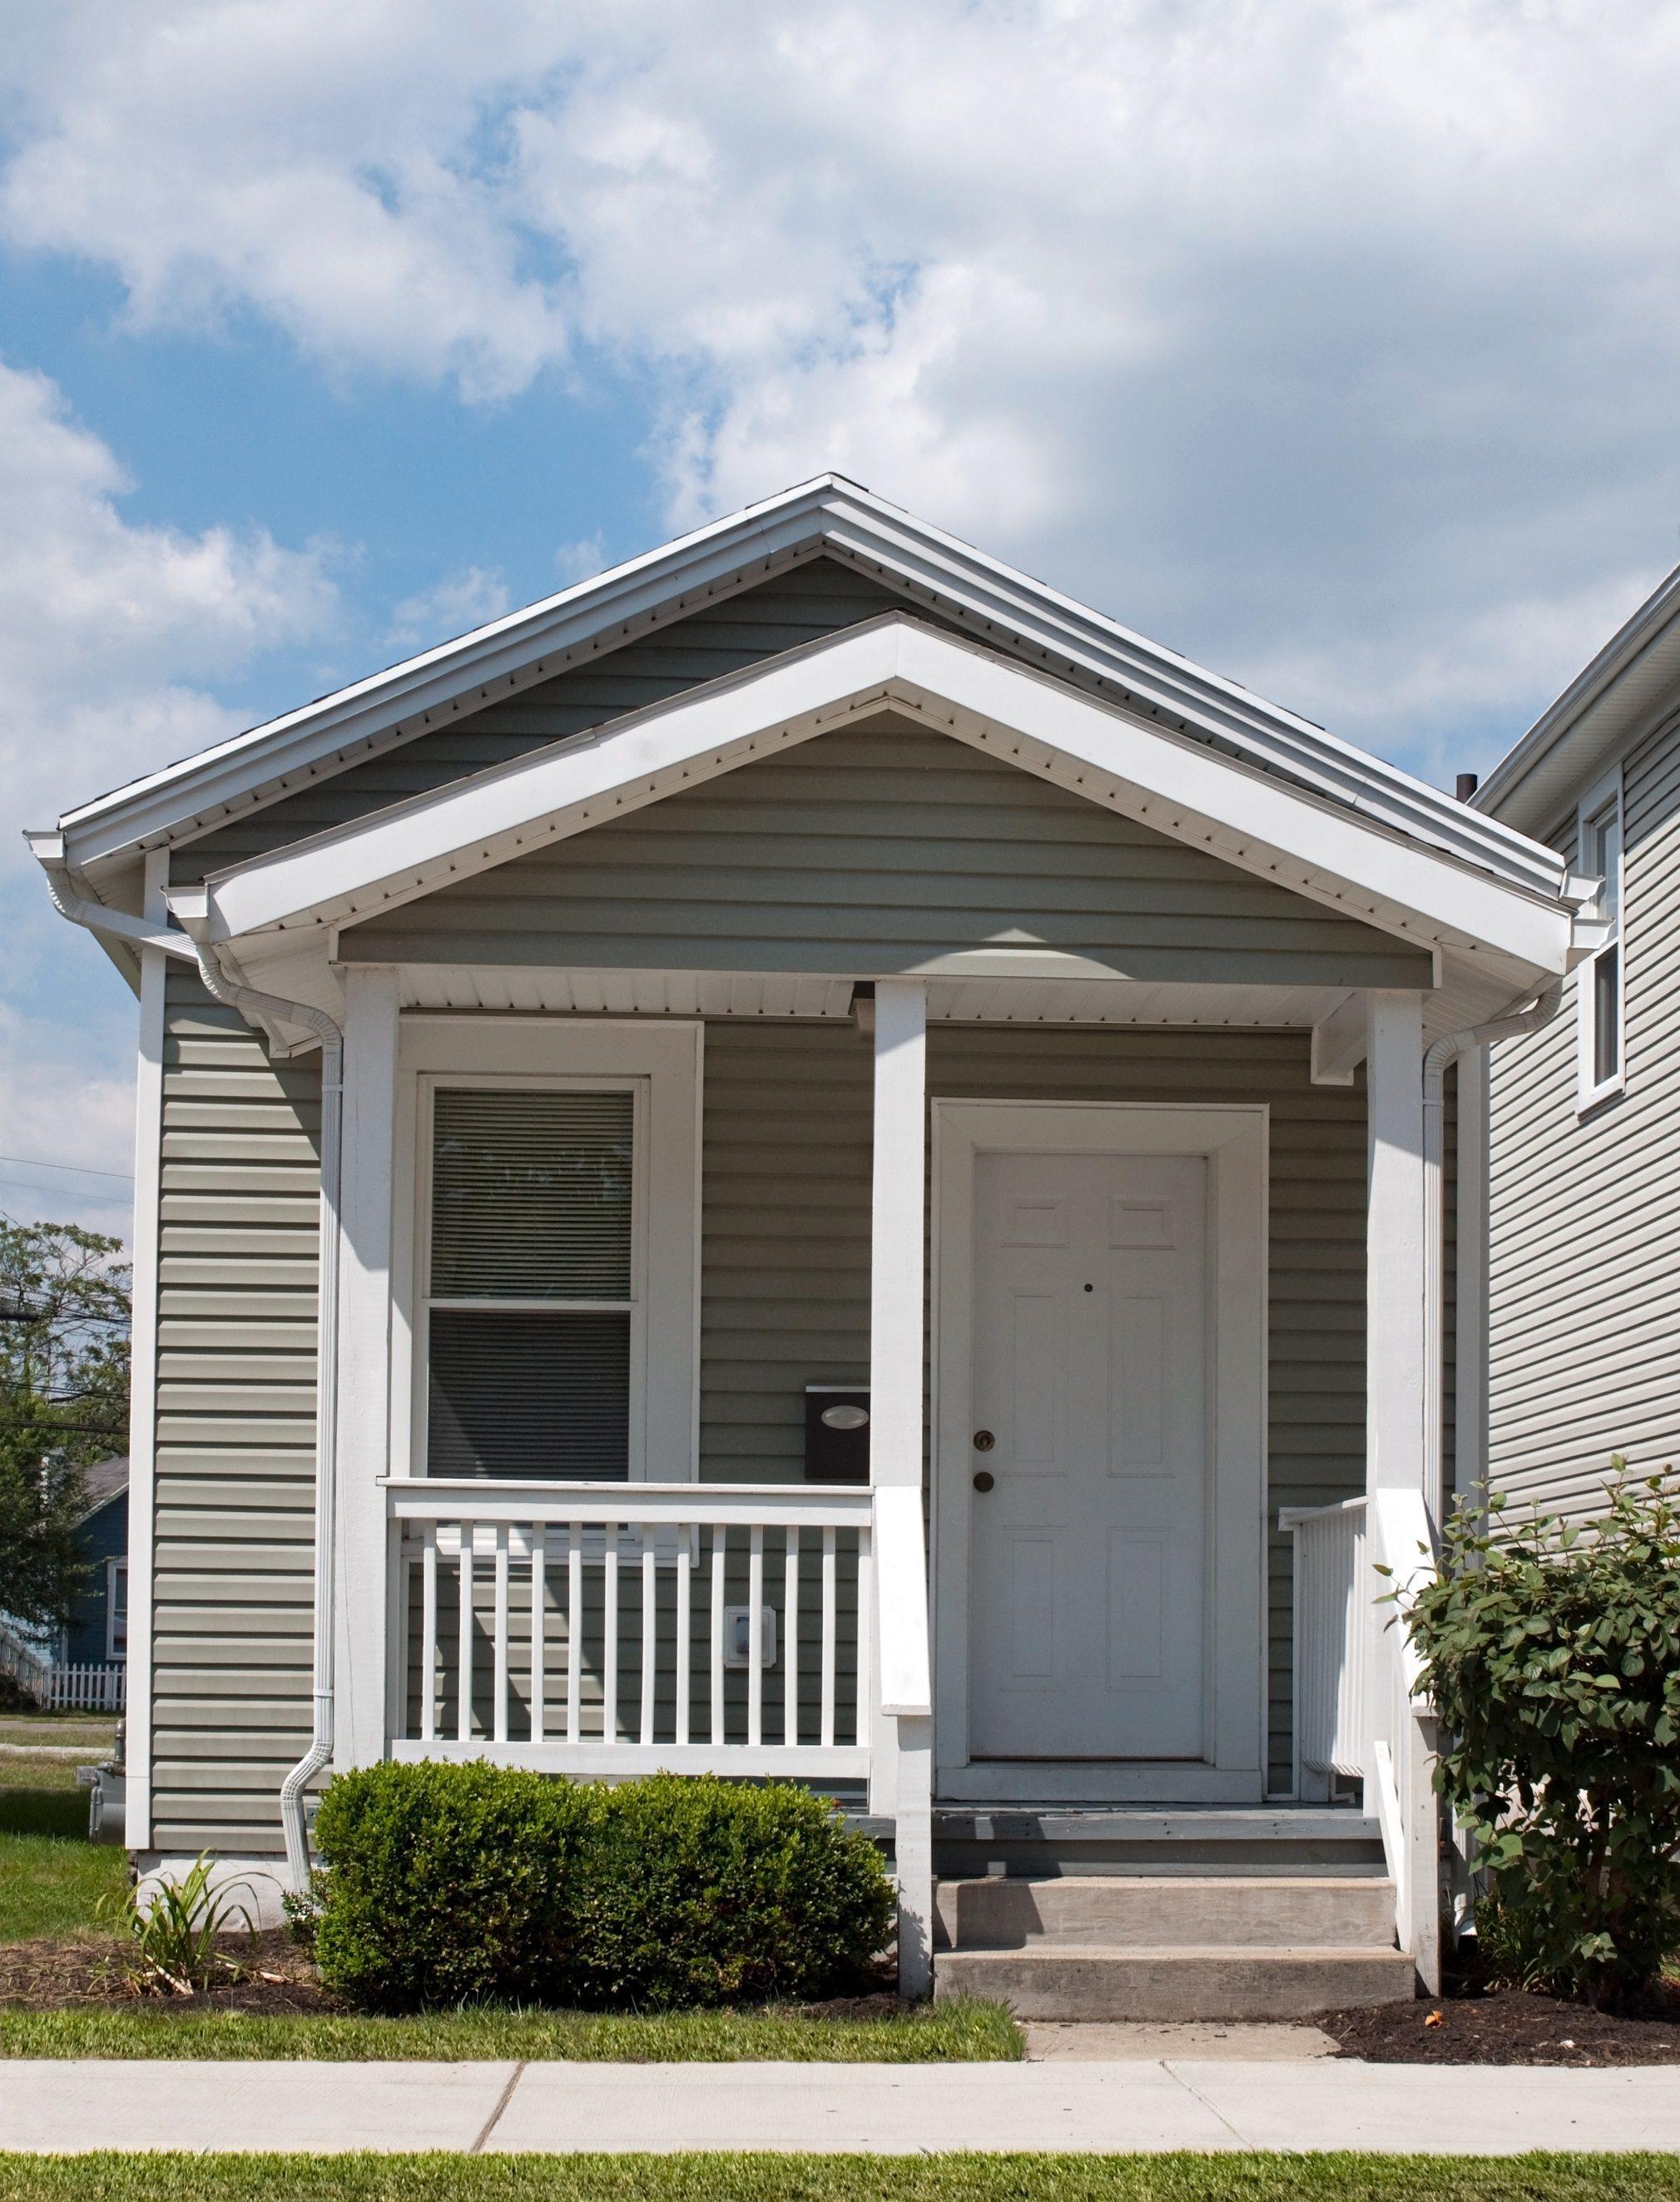 Gray tiny home